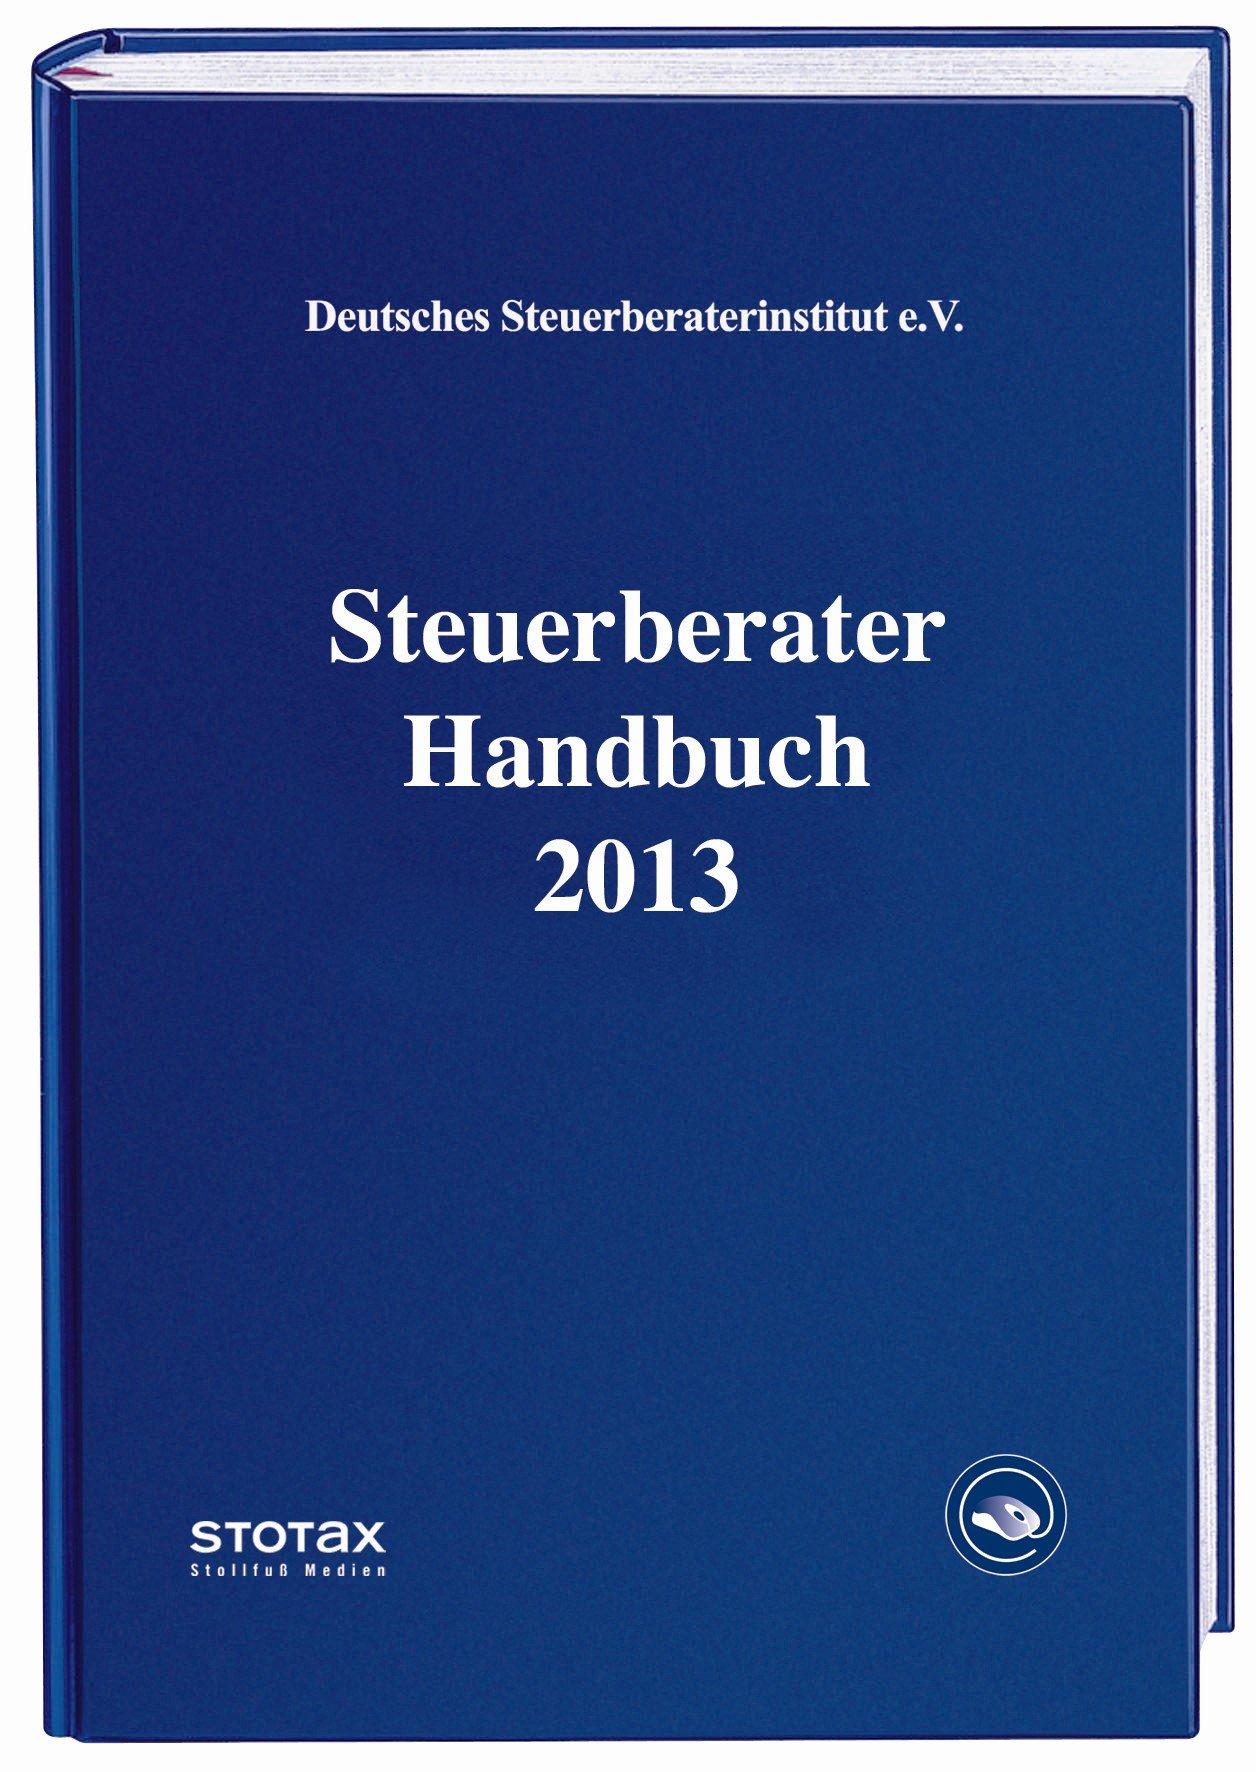 Steuerberater Handbuch 2013